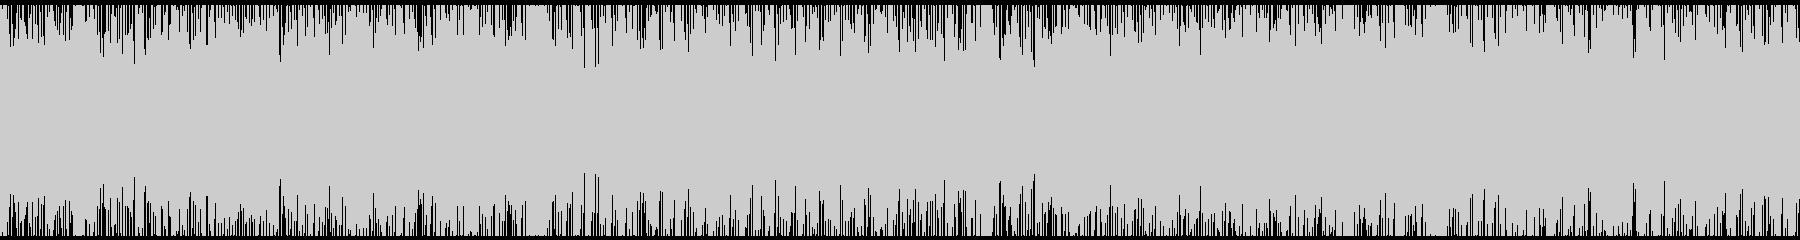 和風/勇壮・前進/ゲーム・映像/M10の未再生の波形